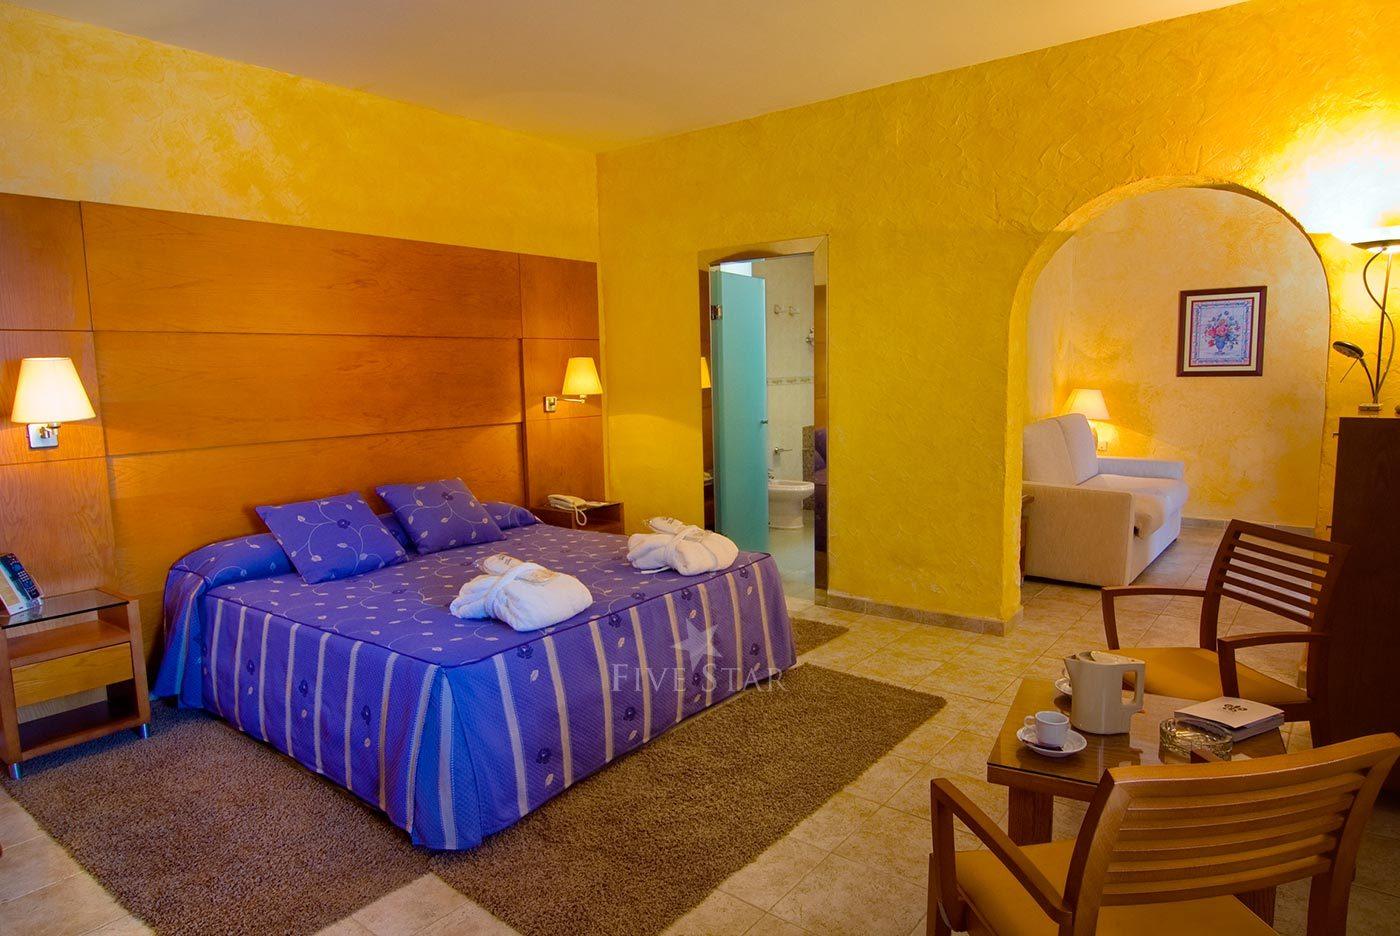 Hotel Servigroup Montiboli photo 24